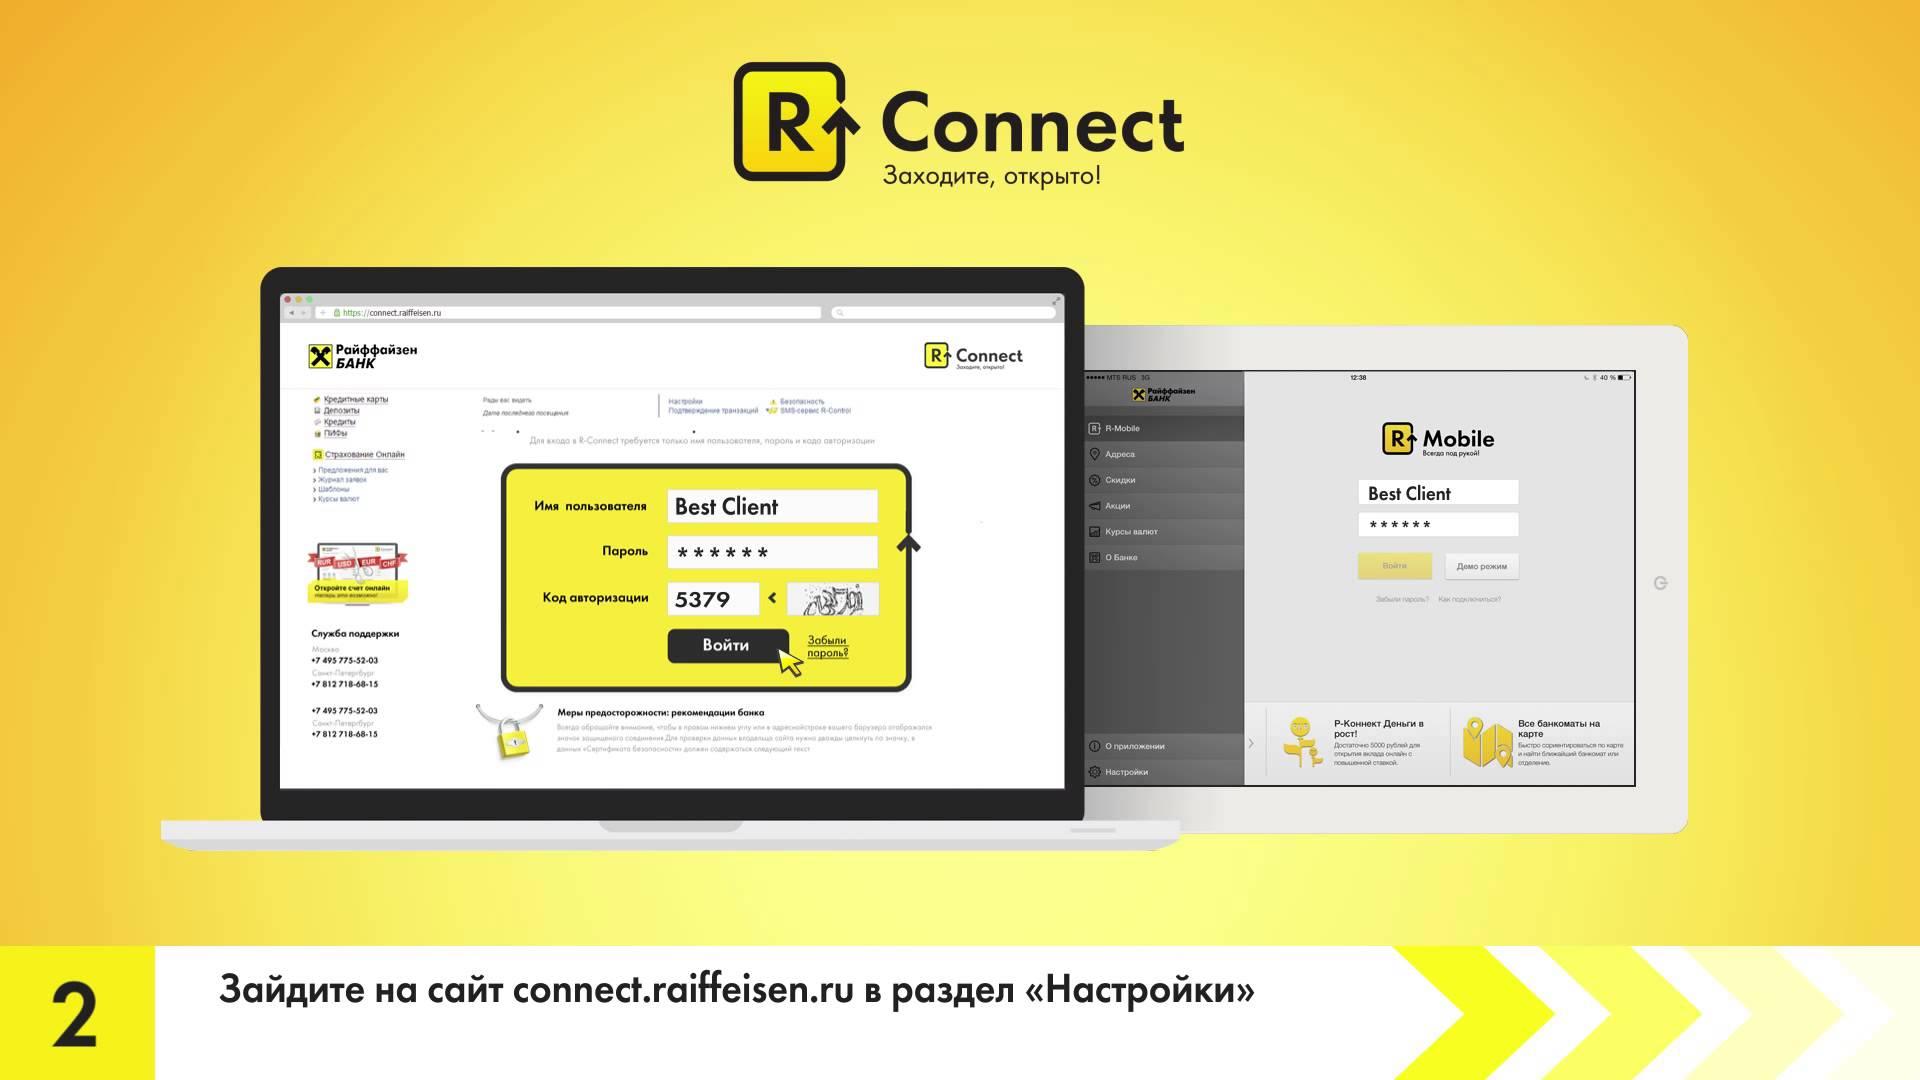 Интернет банк Райффайзенбанка